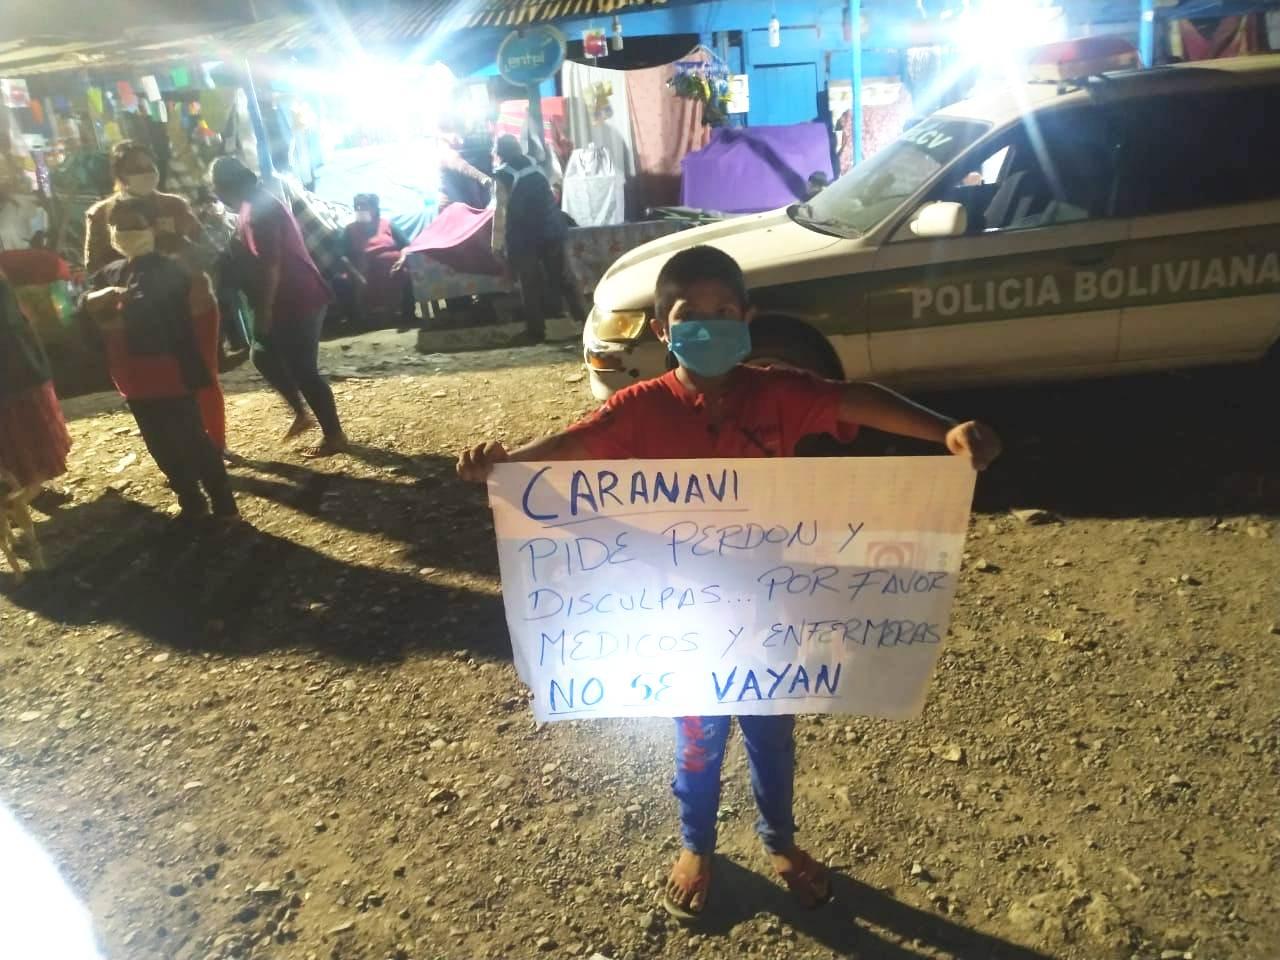 Un niño pide a los médicos no dejar Caranavi la noche de este miércoles 20 de mayo / NELSON PARDO / ABC